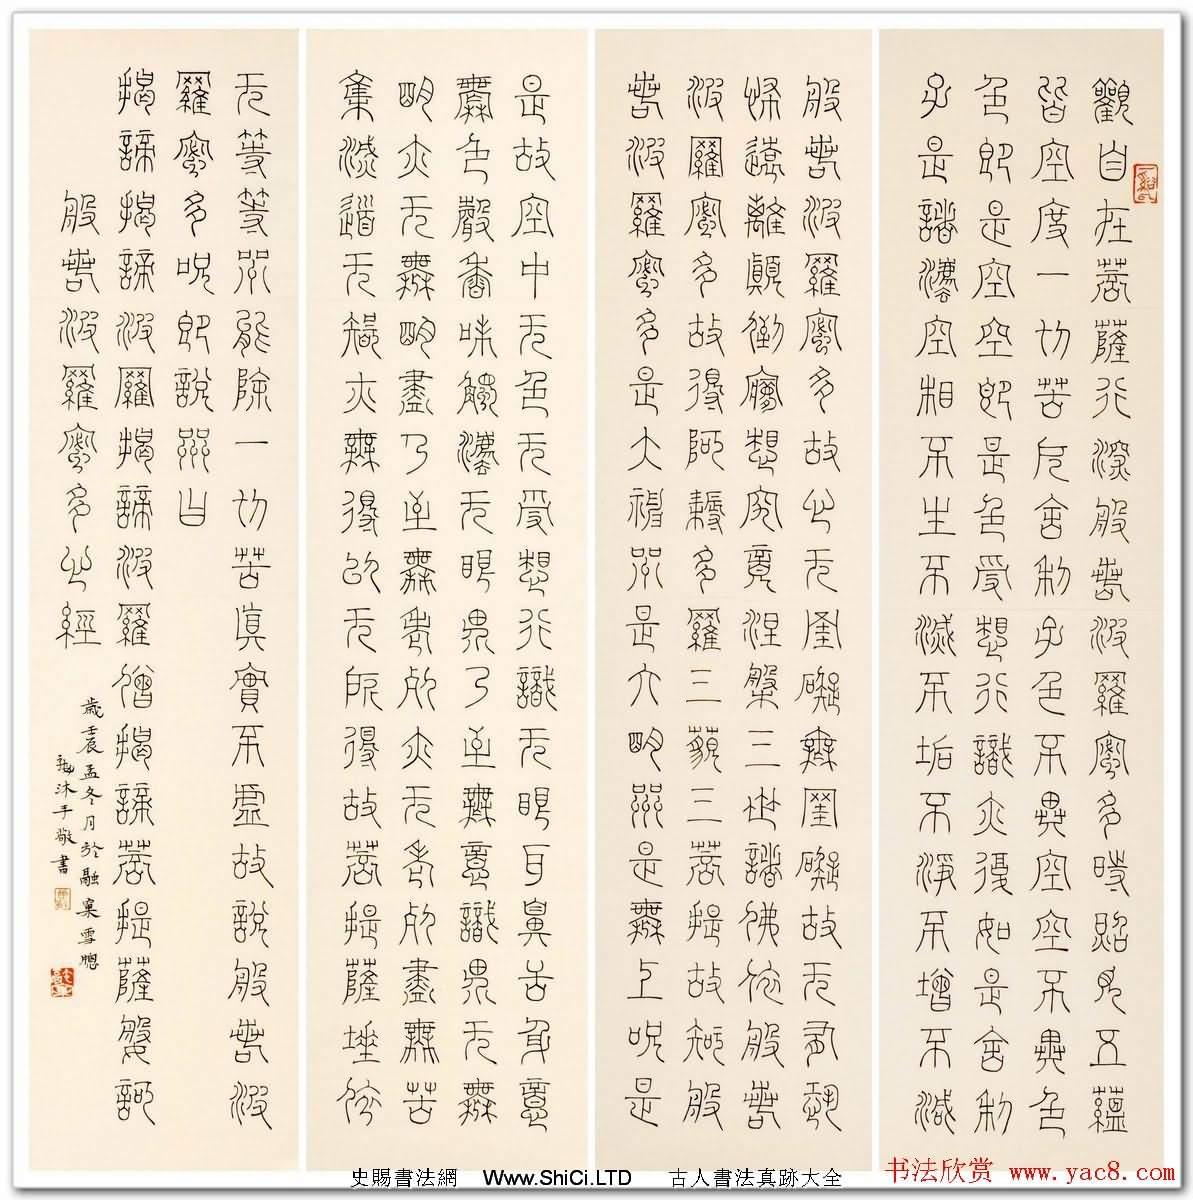 尹海龍篆書作品真跡欣賞心經四條屏(共2張圖片)